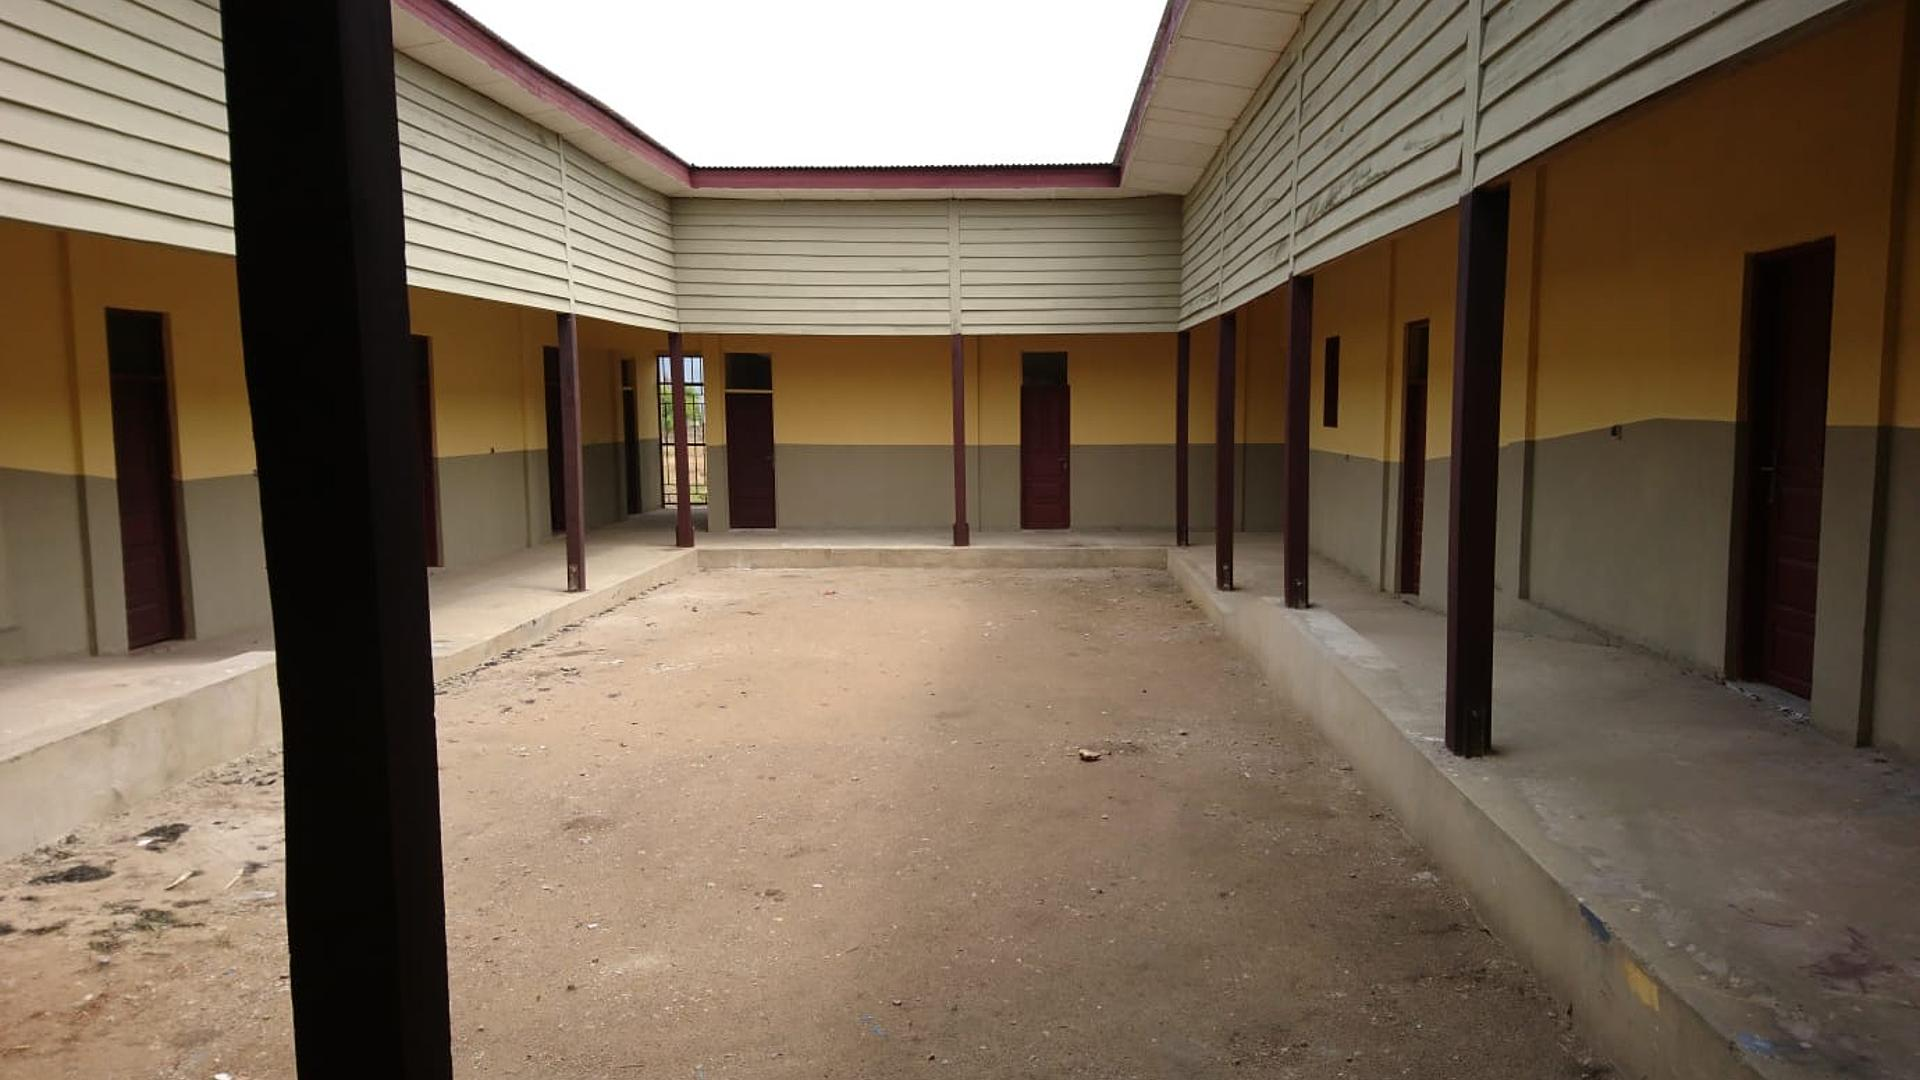 Gesundheitszentrum In Der Demokratischen Republik Kongo